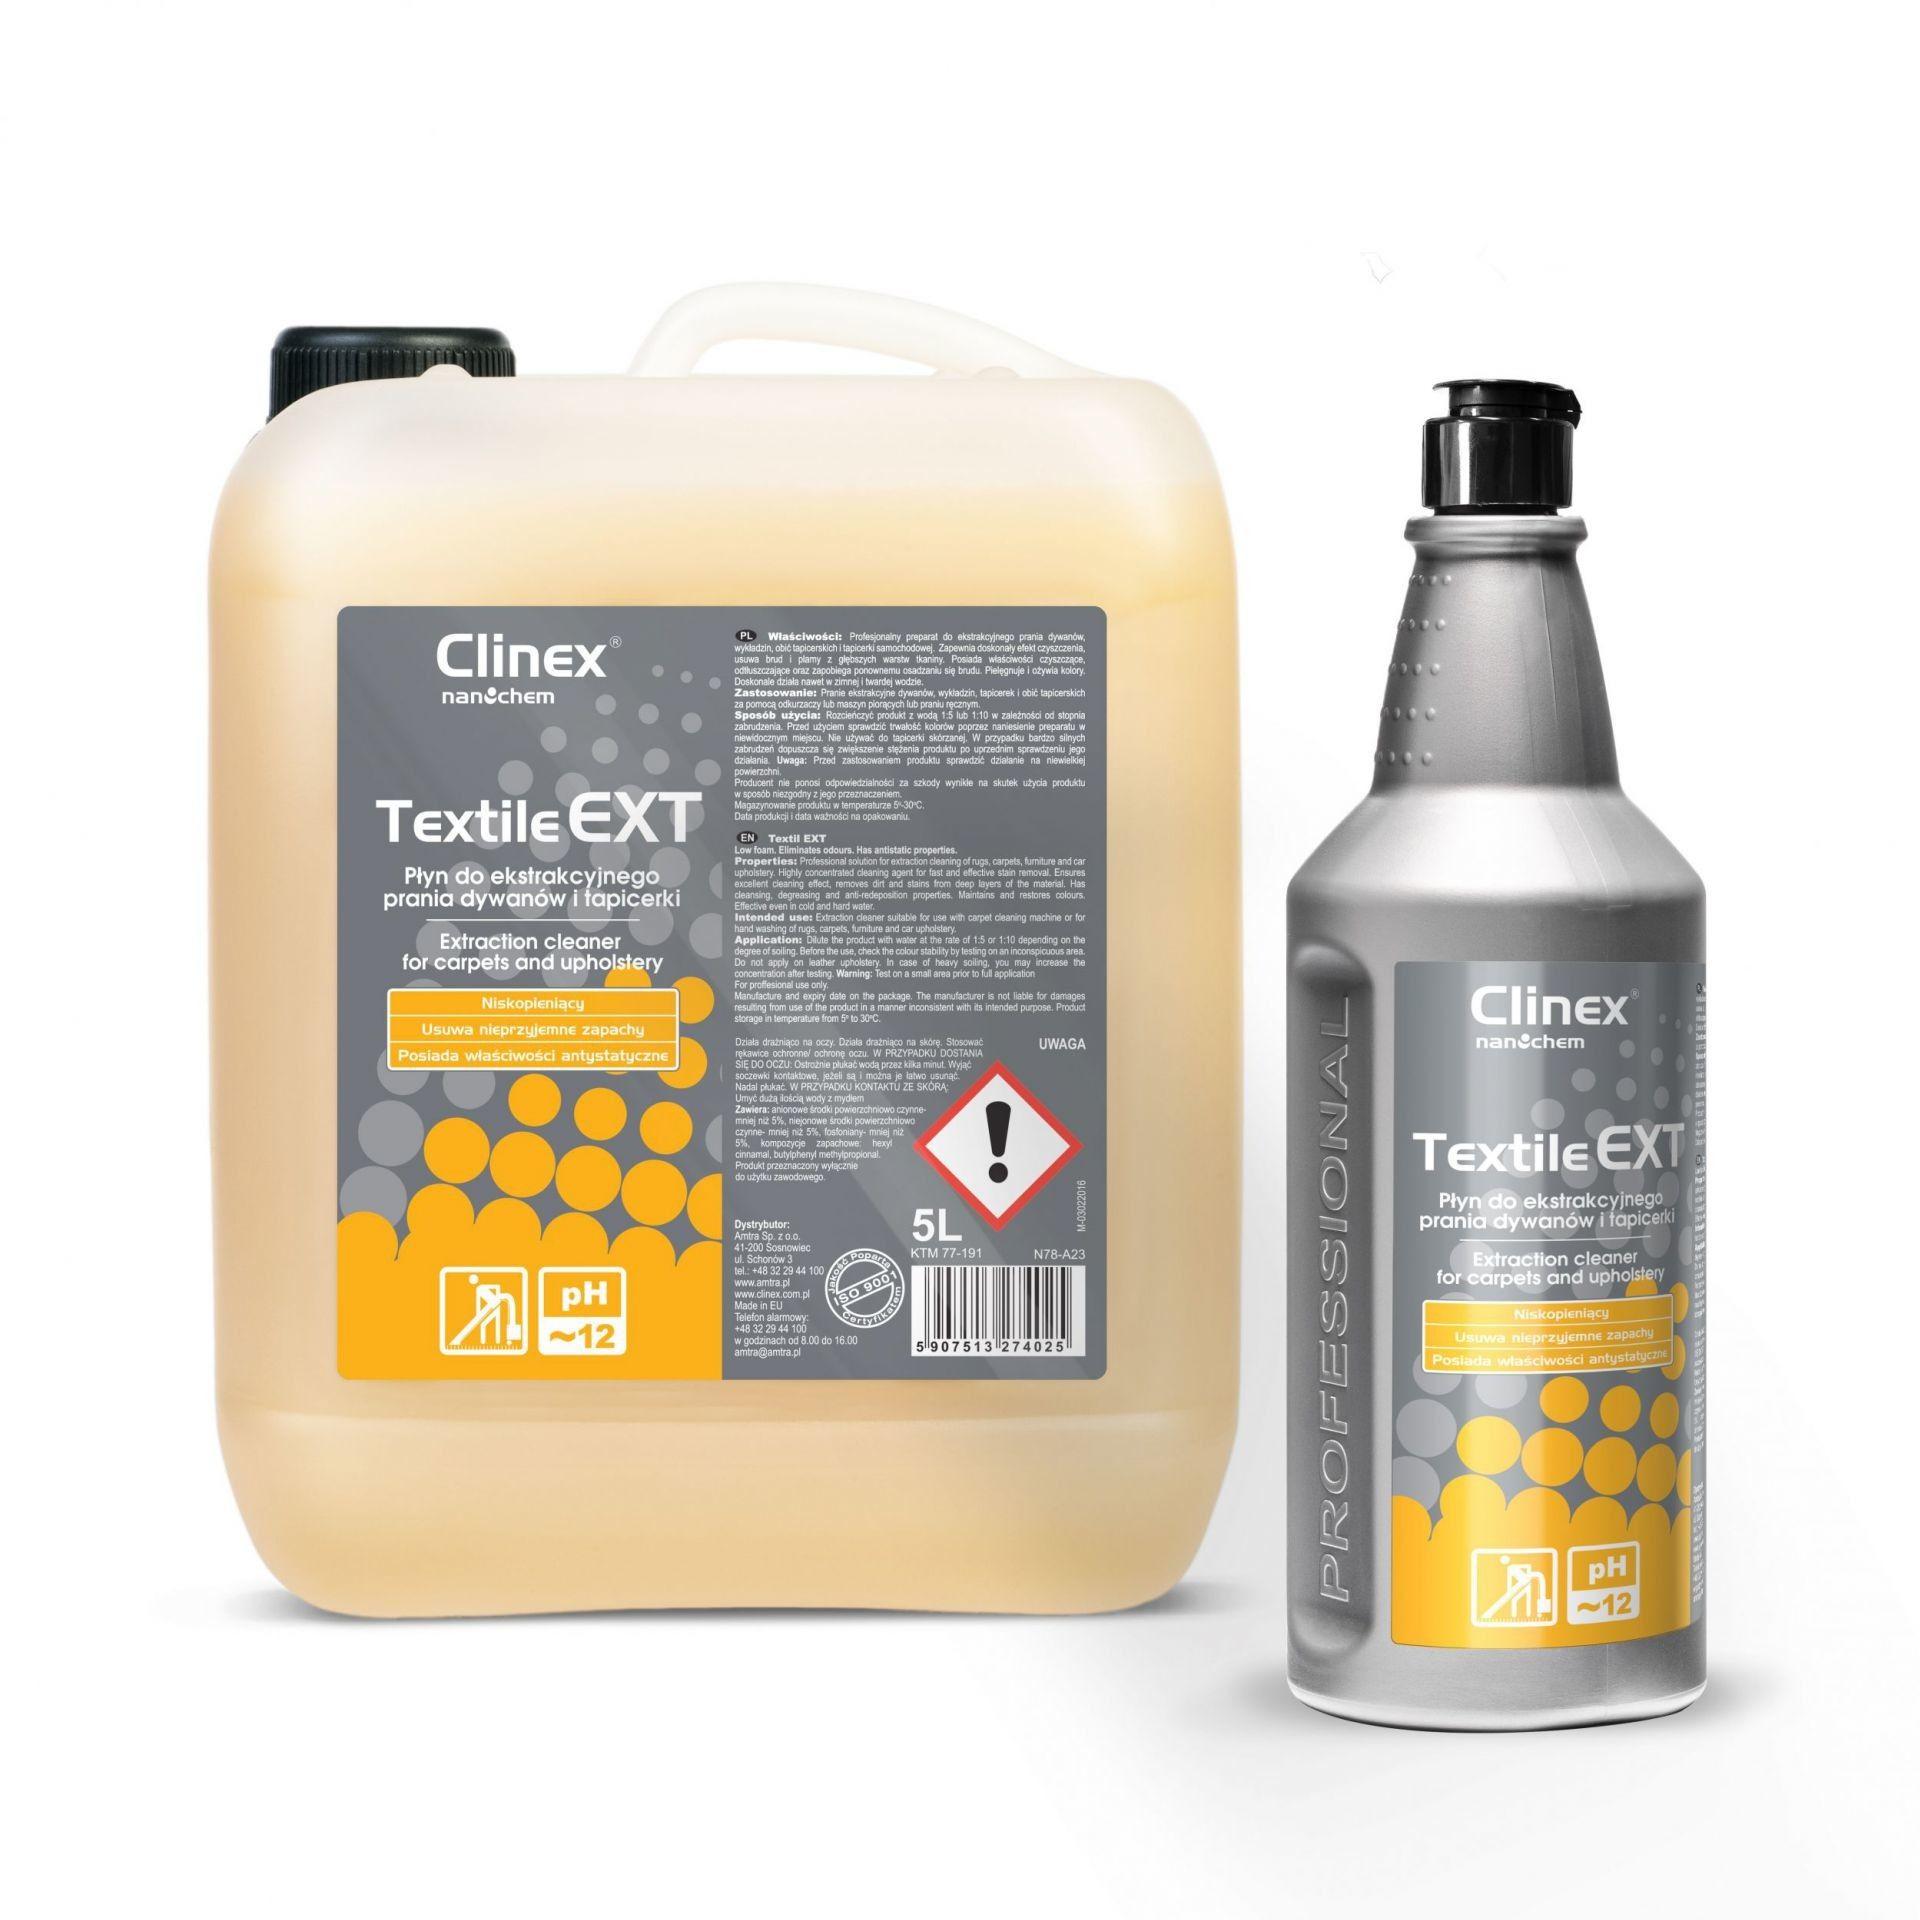 Textile EXT Clinex 1L - Płyn do ekstrakcyjnego prania dywanów i tapicerki